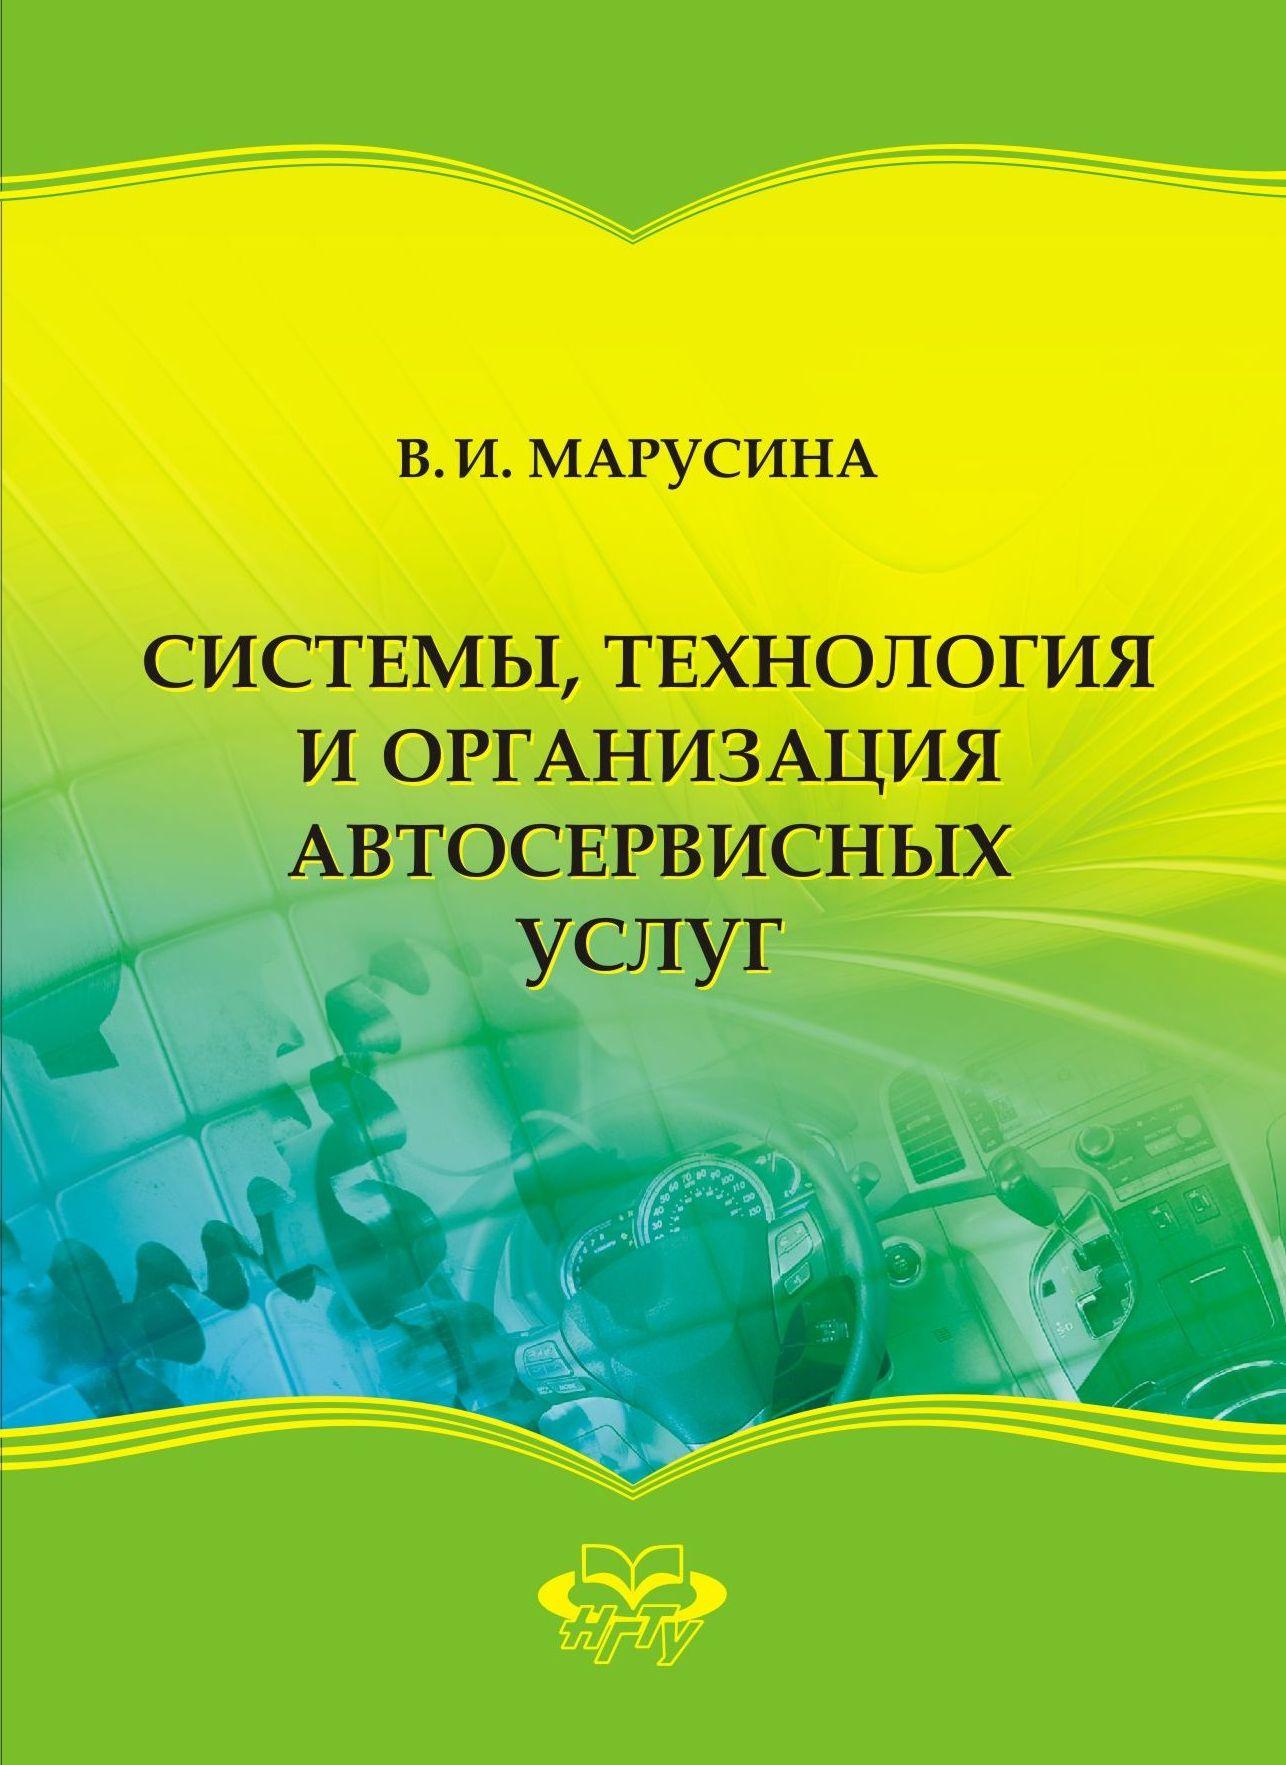 В. И. Марусина Системы, технология и организация автосервисных услуг